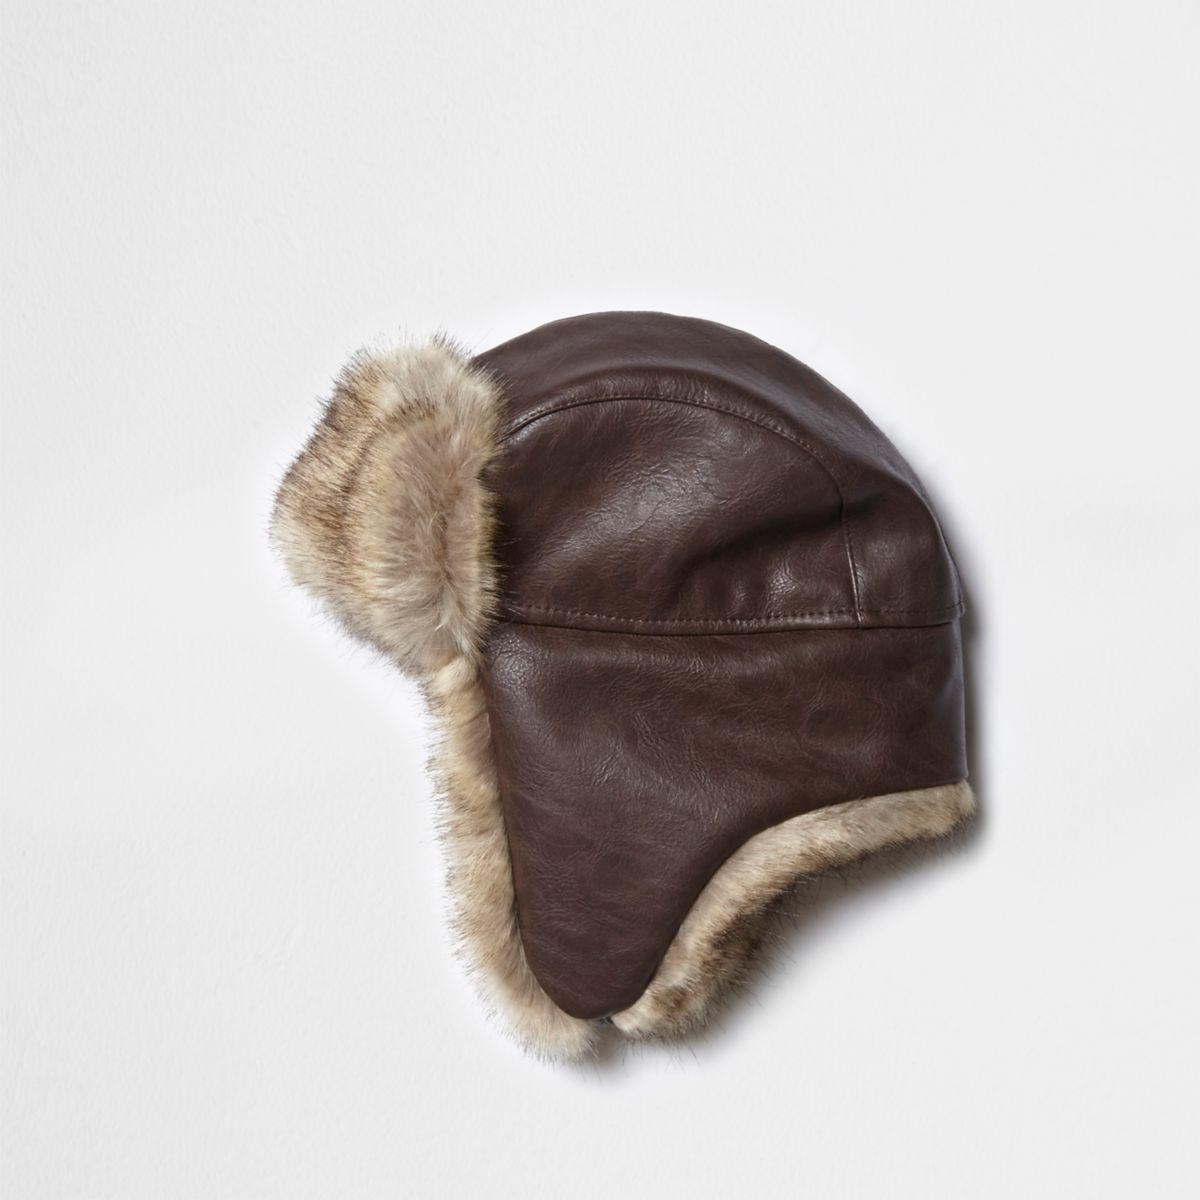 Chapka marron avec doublure en fausse fourrure